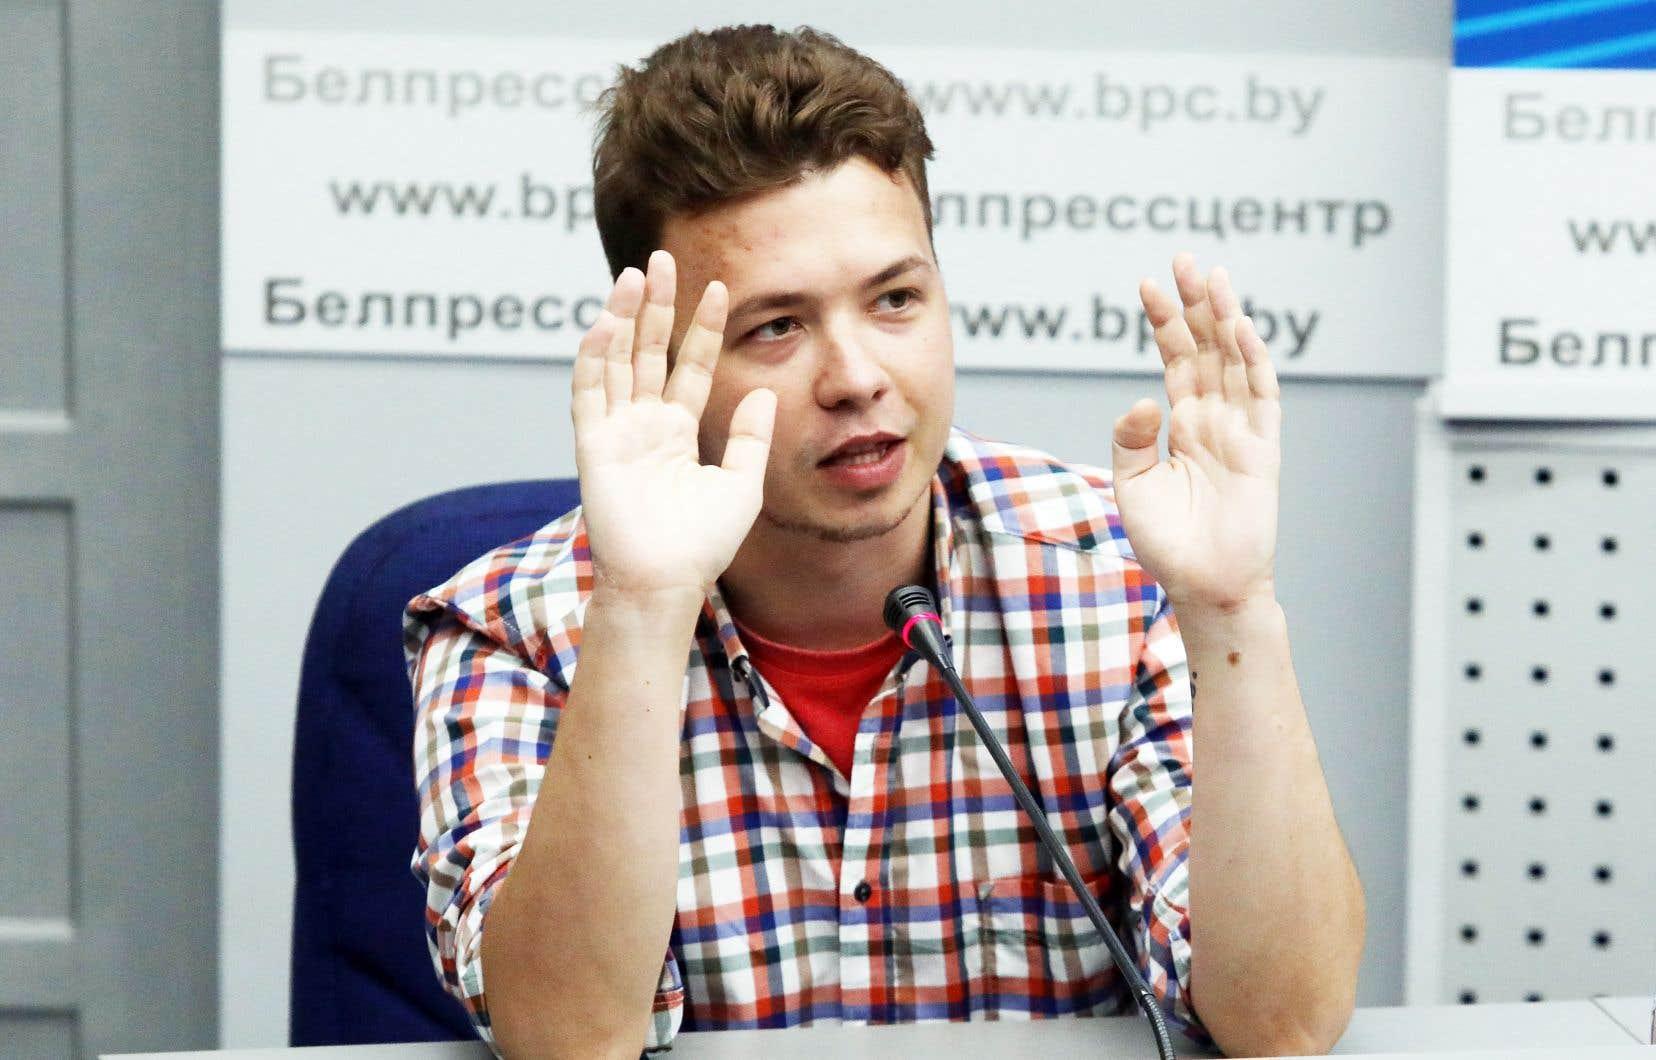 Le point culminant a été atteint avec l'arrestation fin mai de Roman Protassevitch: l'avion de ligne dans lequel il voyageait a été intercepté au-dessus du territoire biélorusse et dérouté au motif d'une alerte à la bombe présumée.